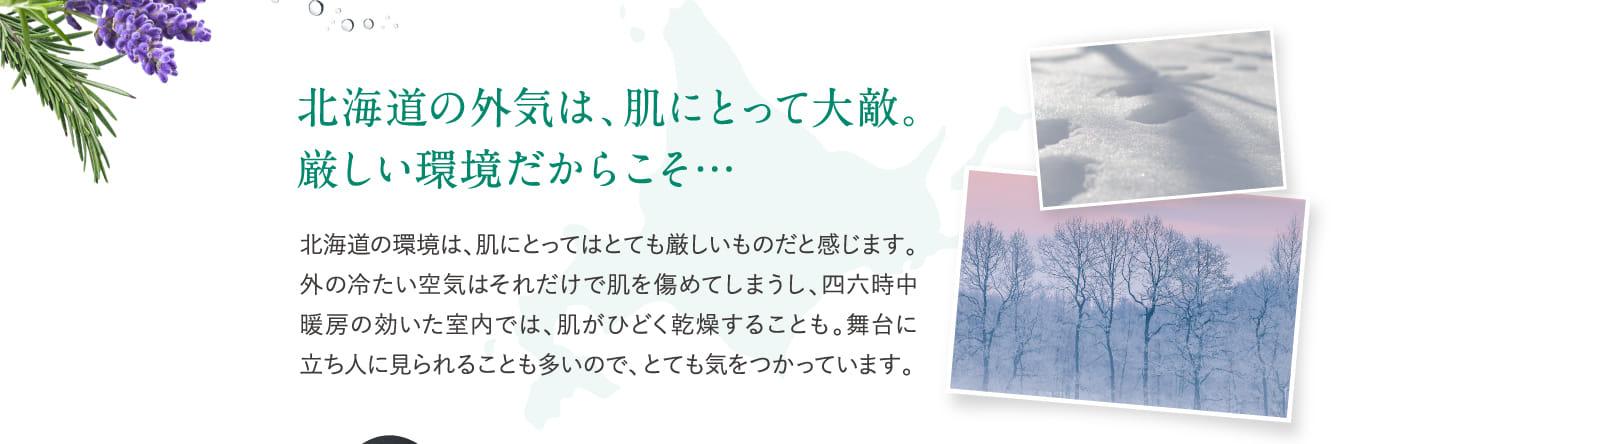 北海道の外気は、肌にとって大敵。厳しい環境だからこそ…